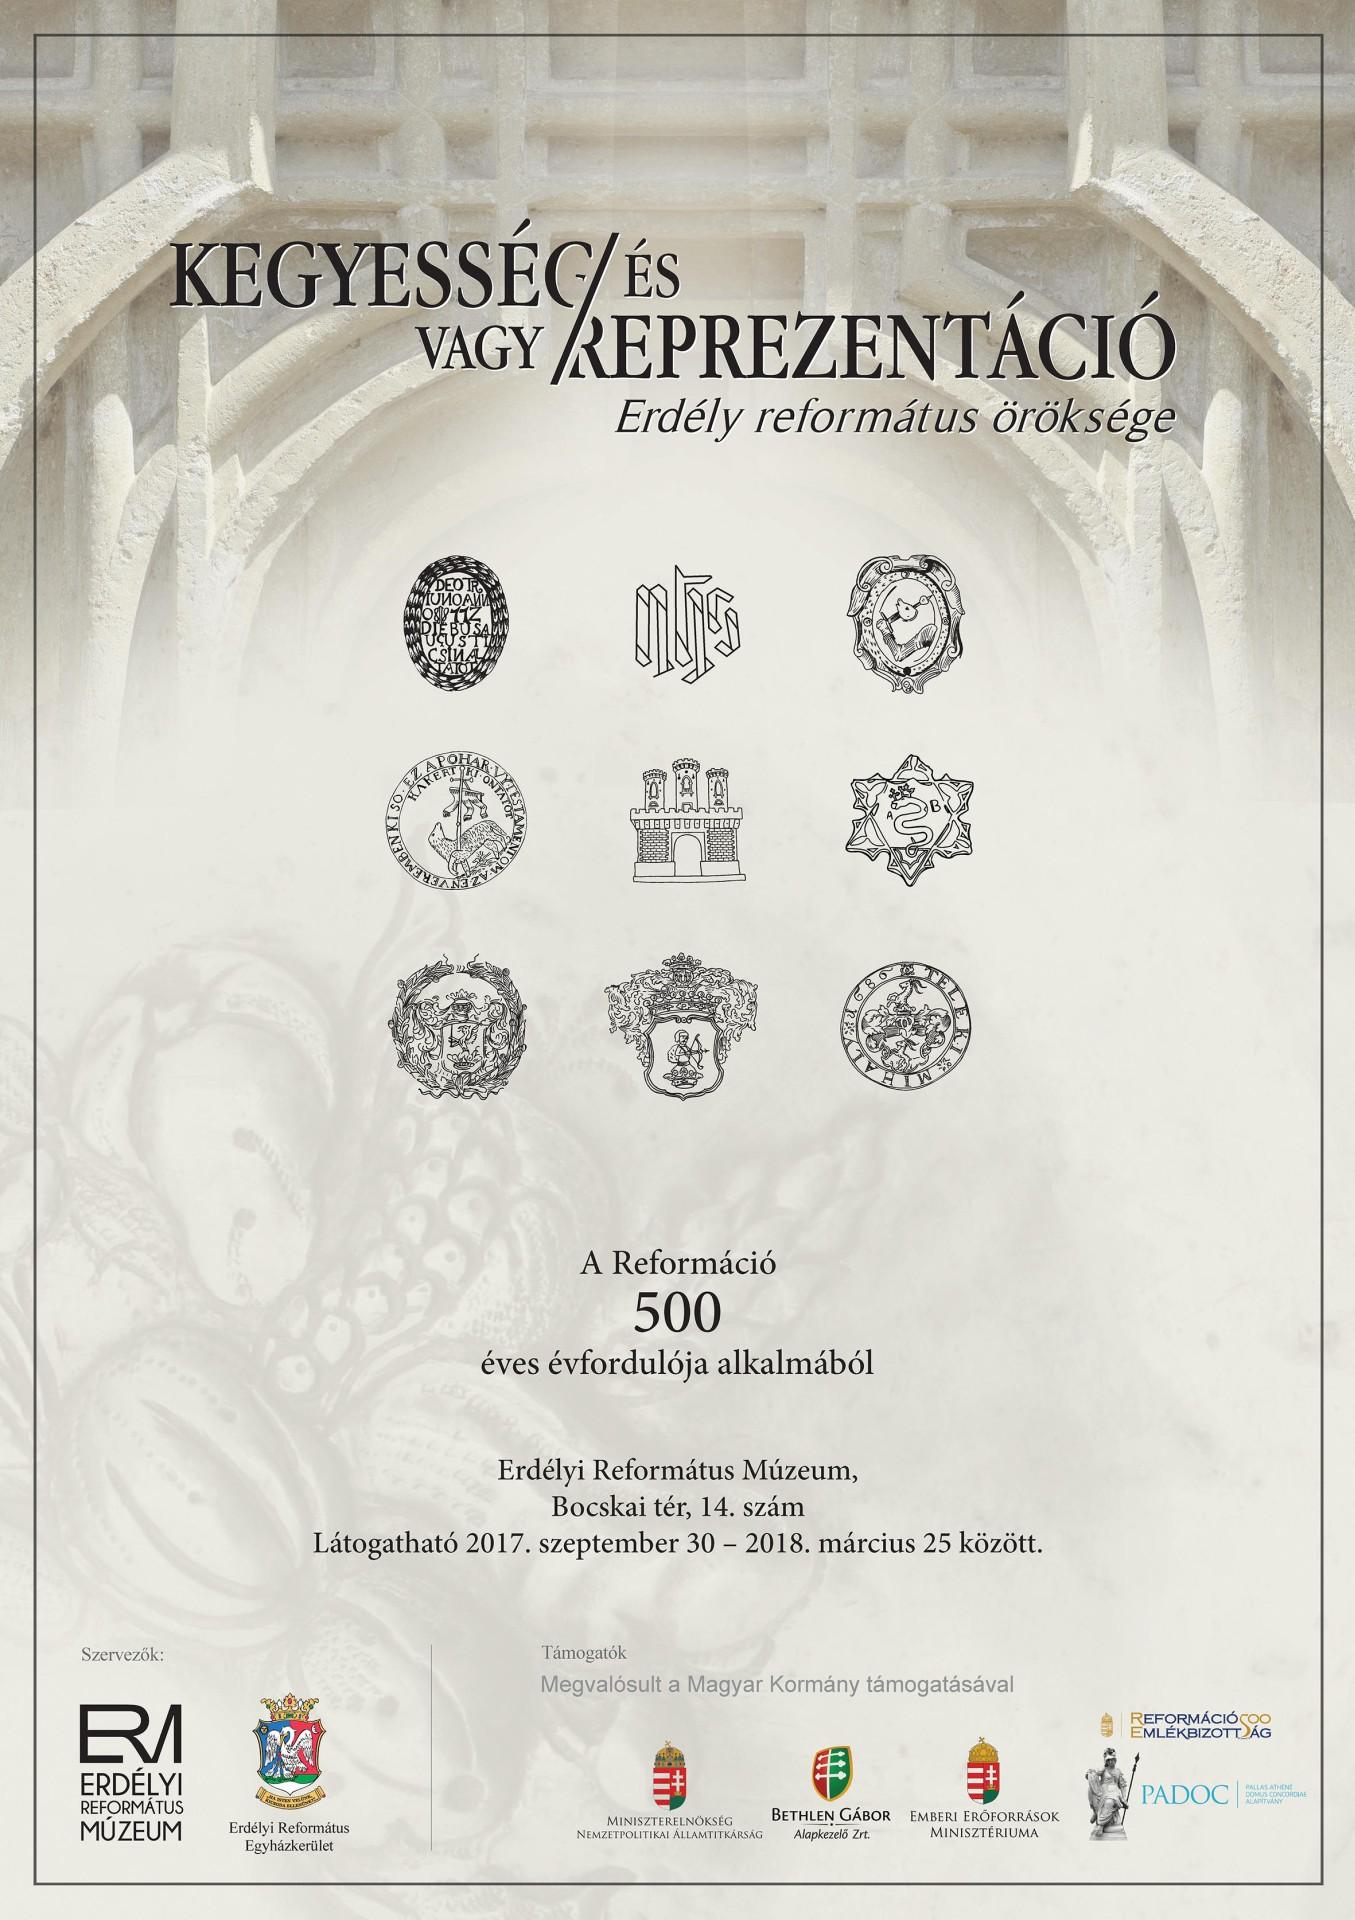 Egyháztörténeti kiállítás a nemrég megnyílt Erdélyi Református Múzeumban